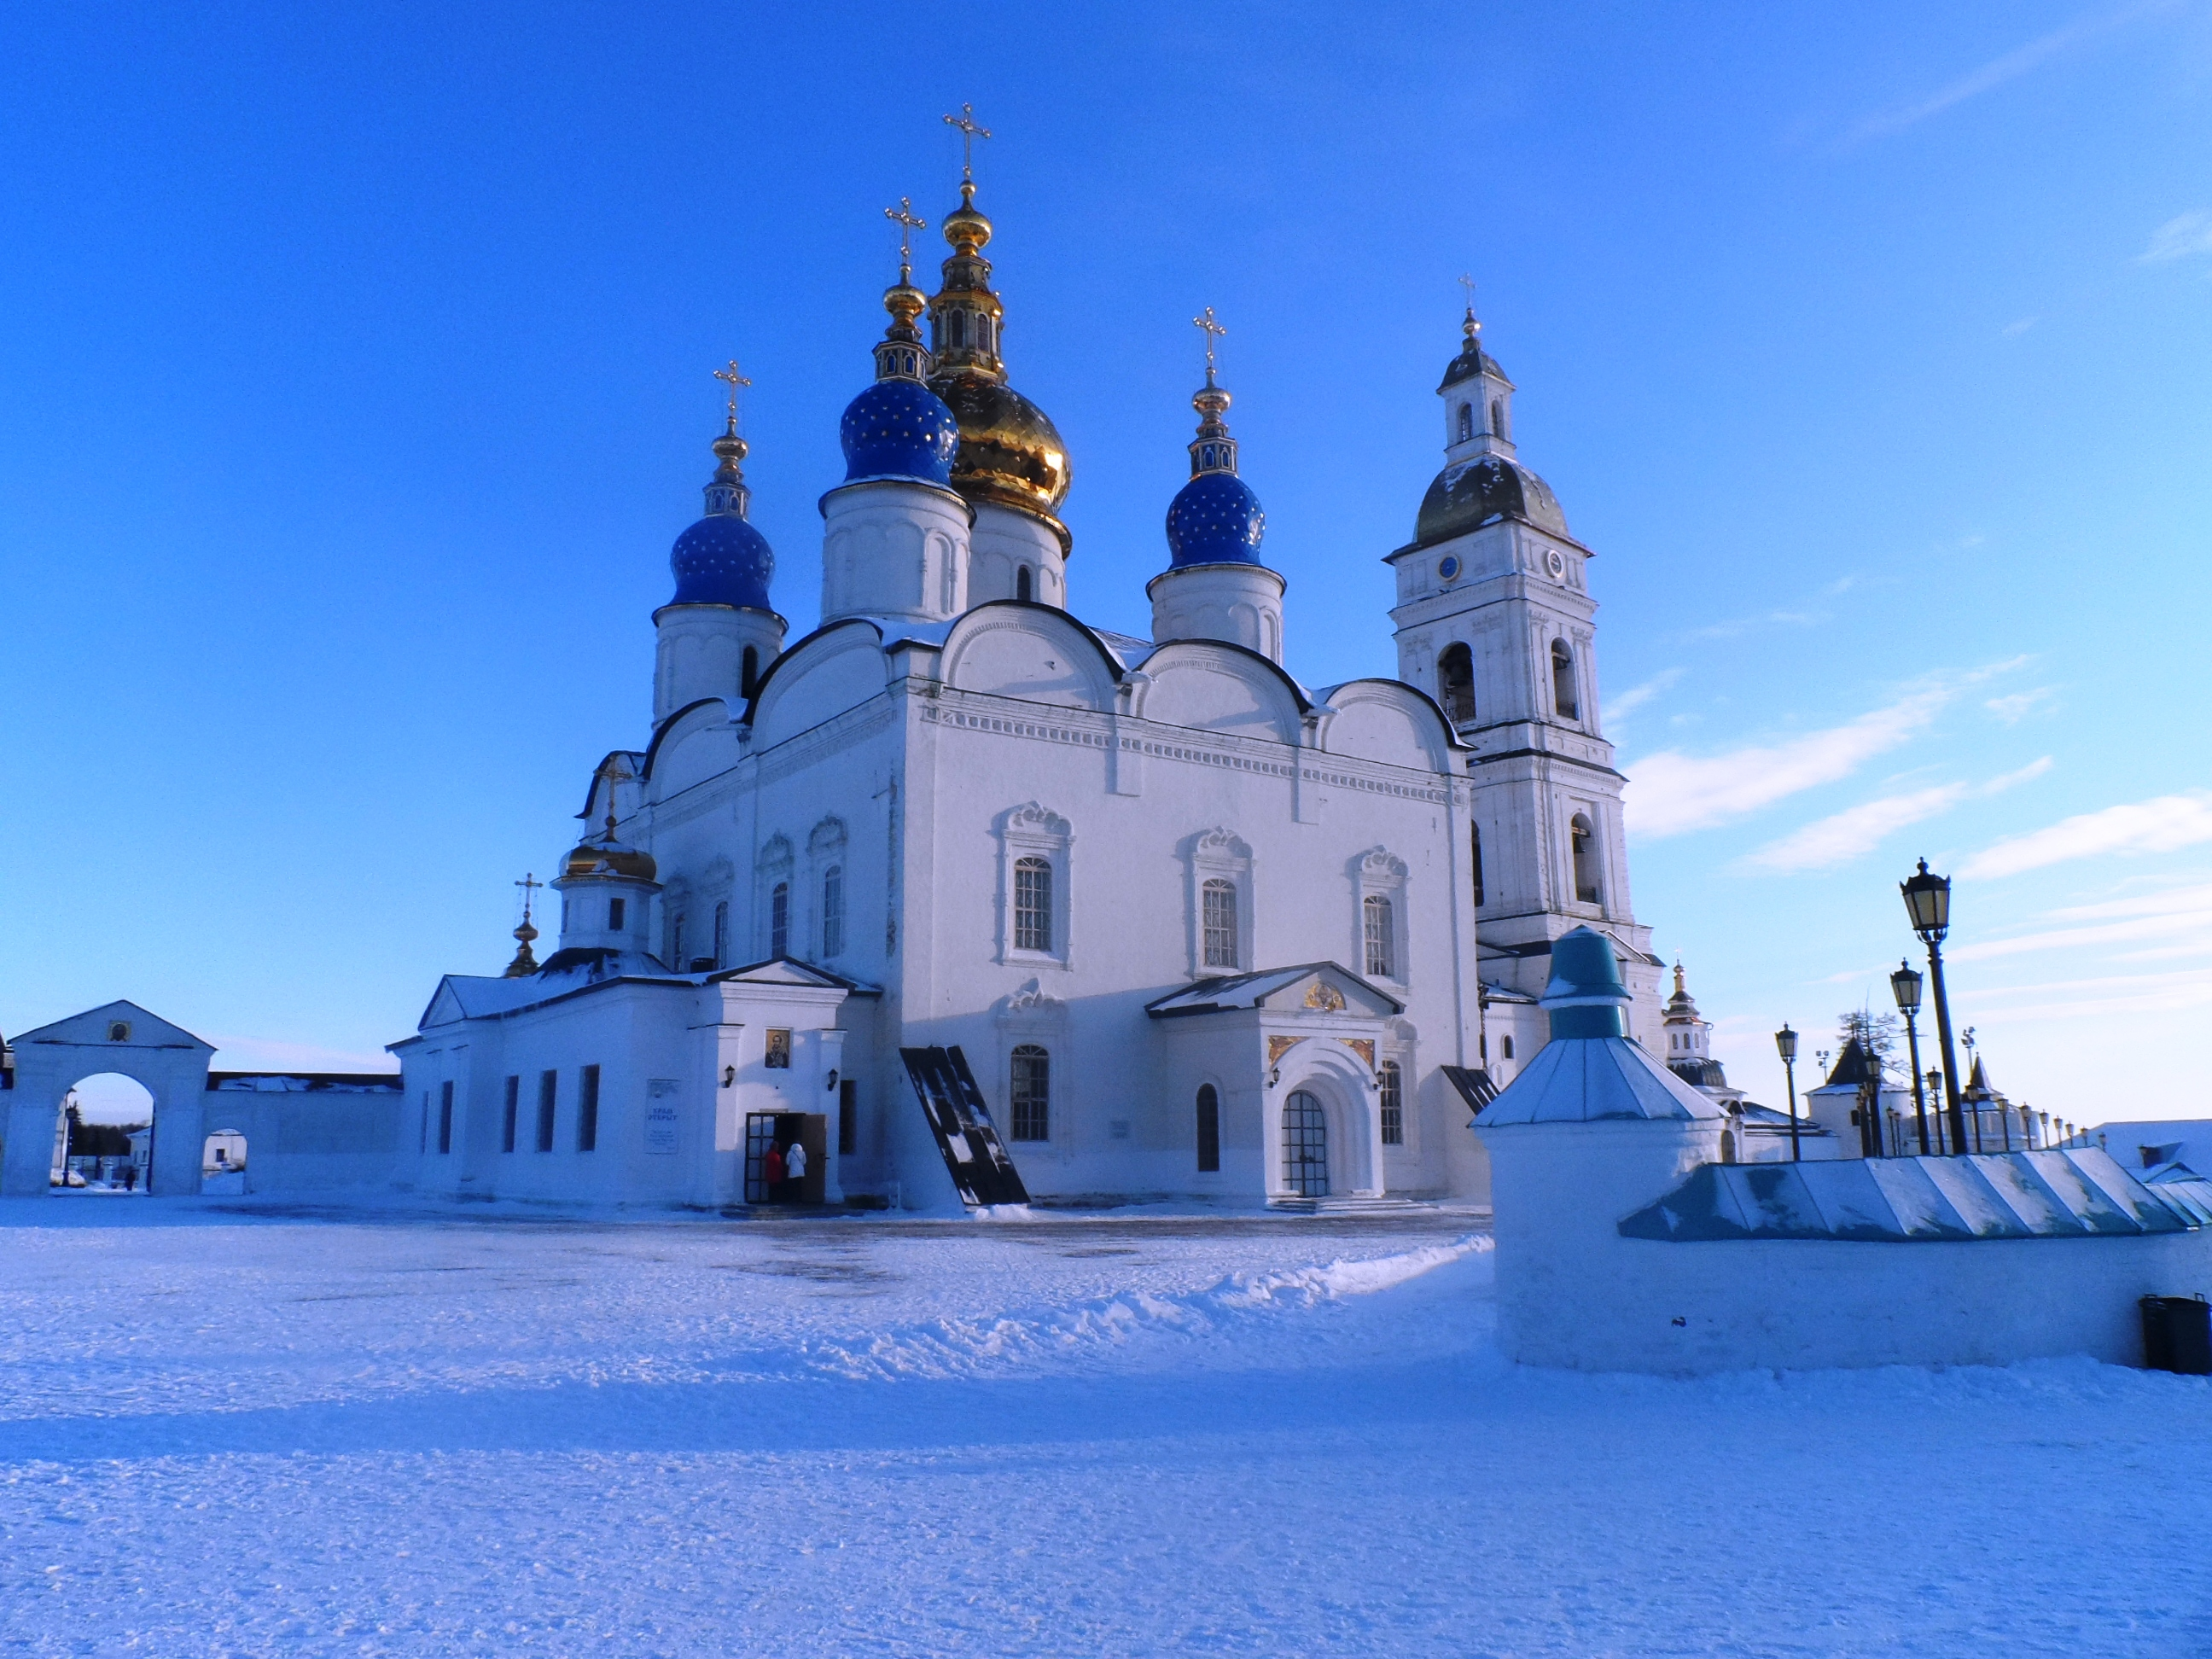 Тобольск - духовная столица Сибири